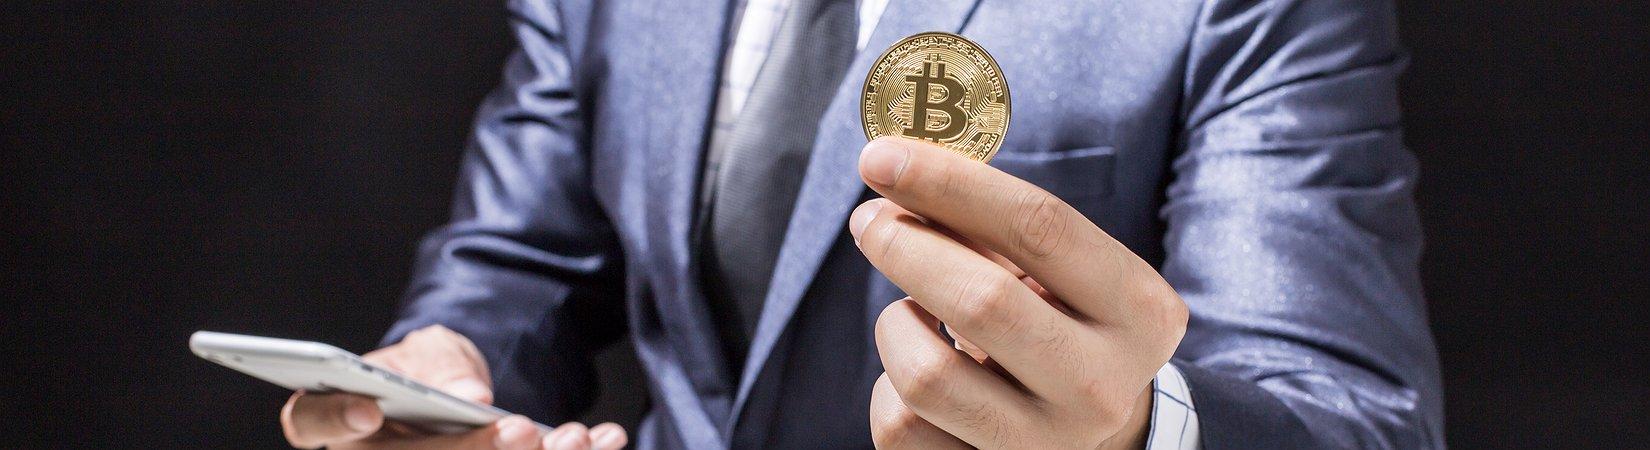 Due società ritirano la richiesta di ammissione dei loro Etf sul bitcoin